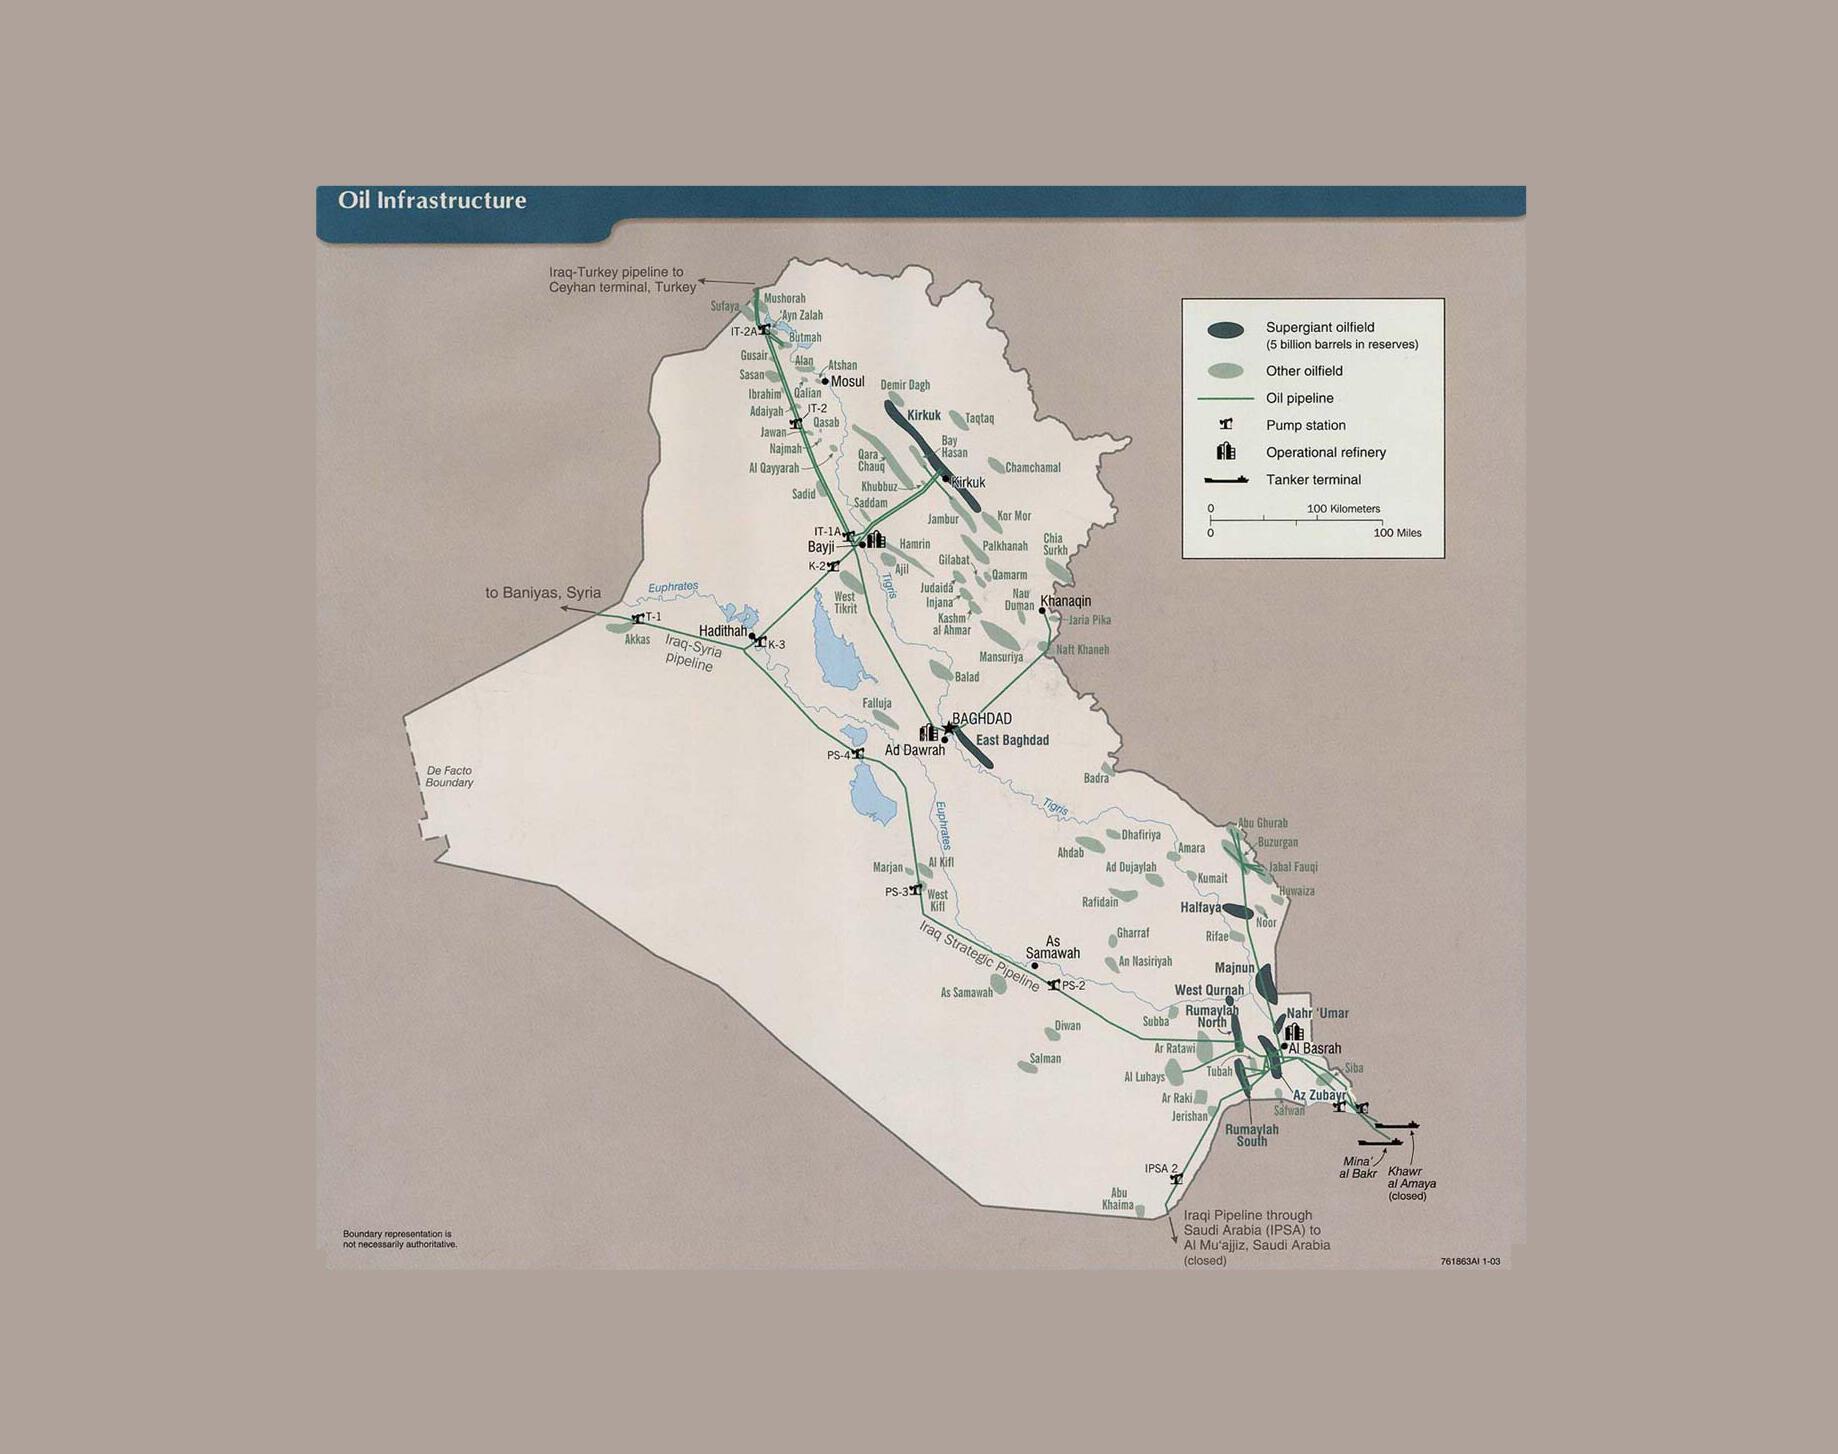 Carte du pétrole en Irak.